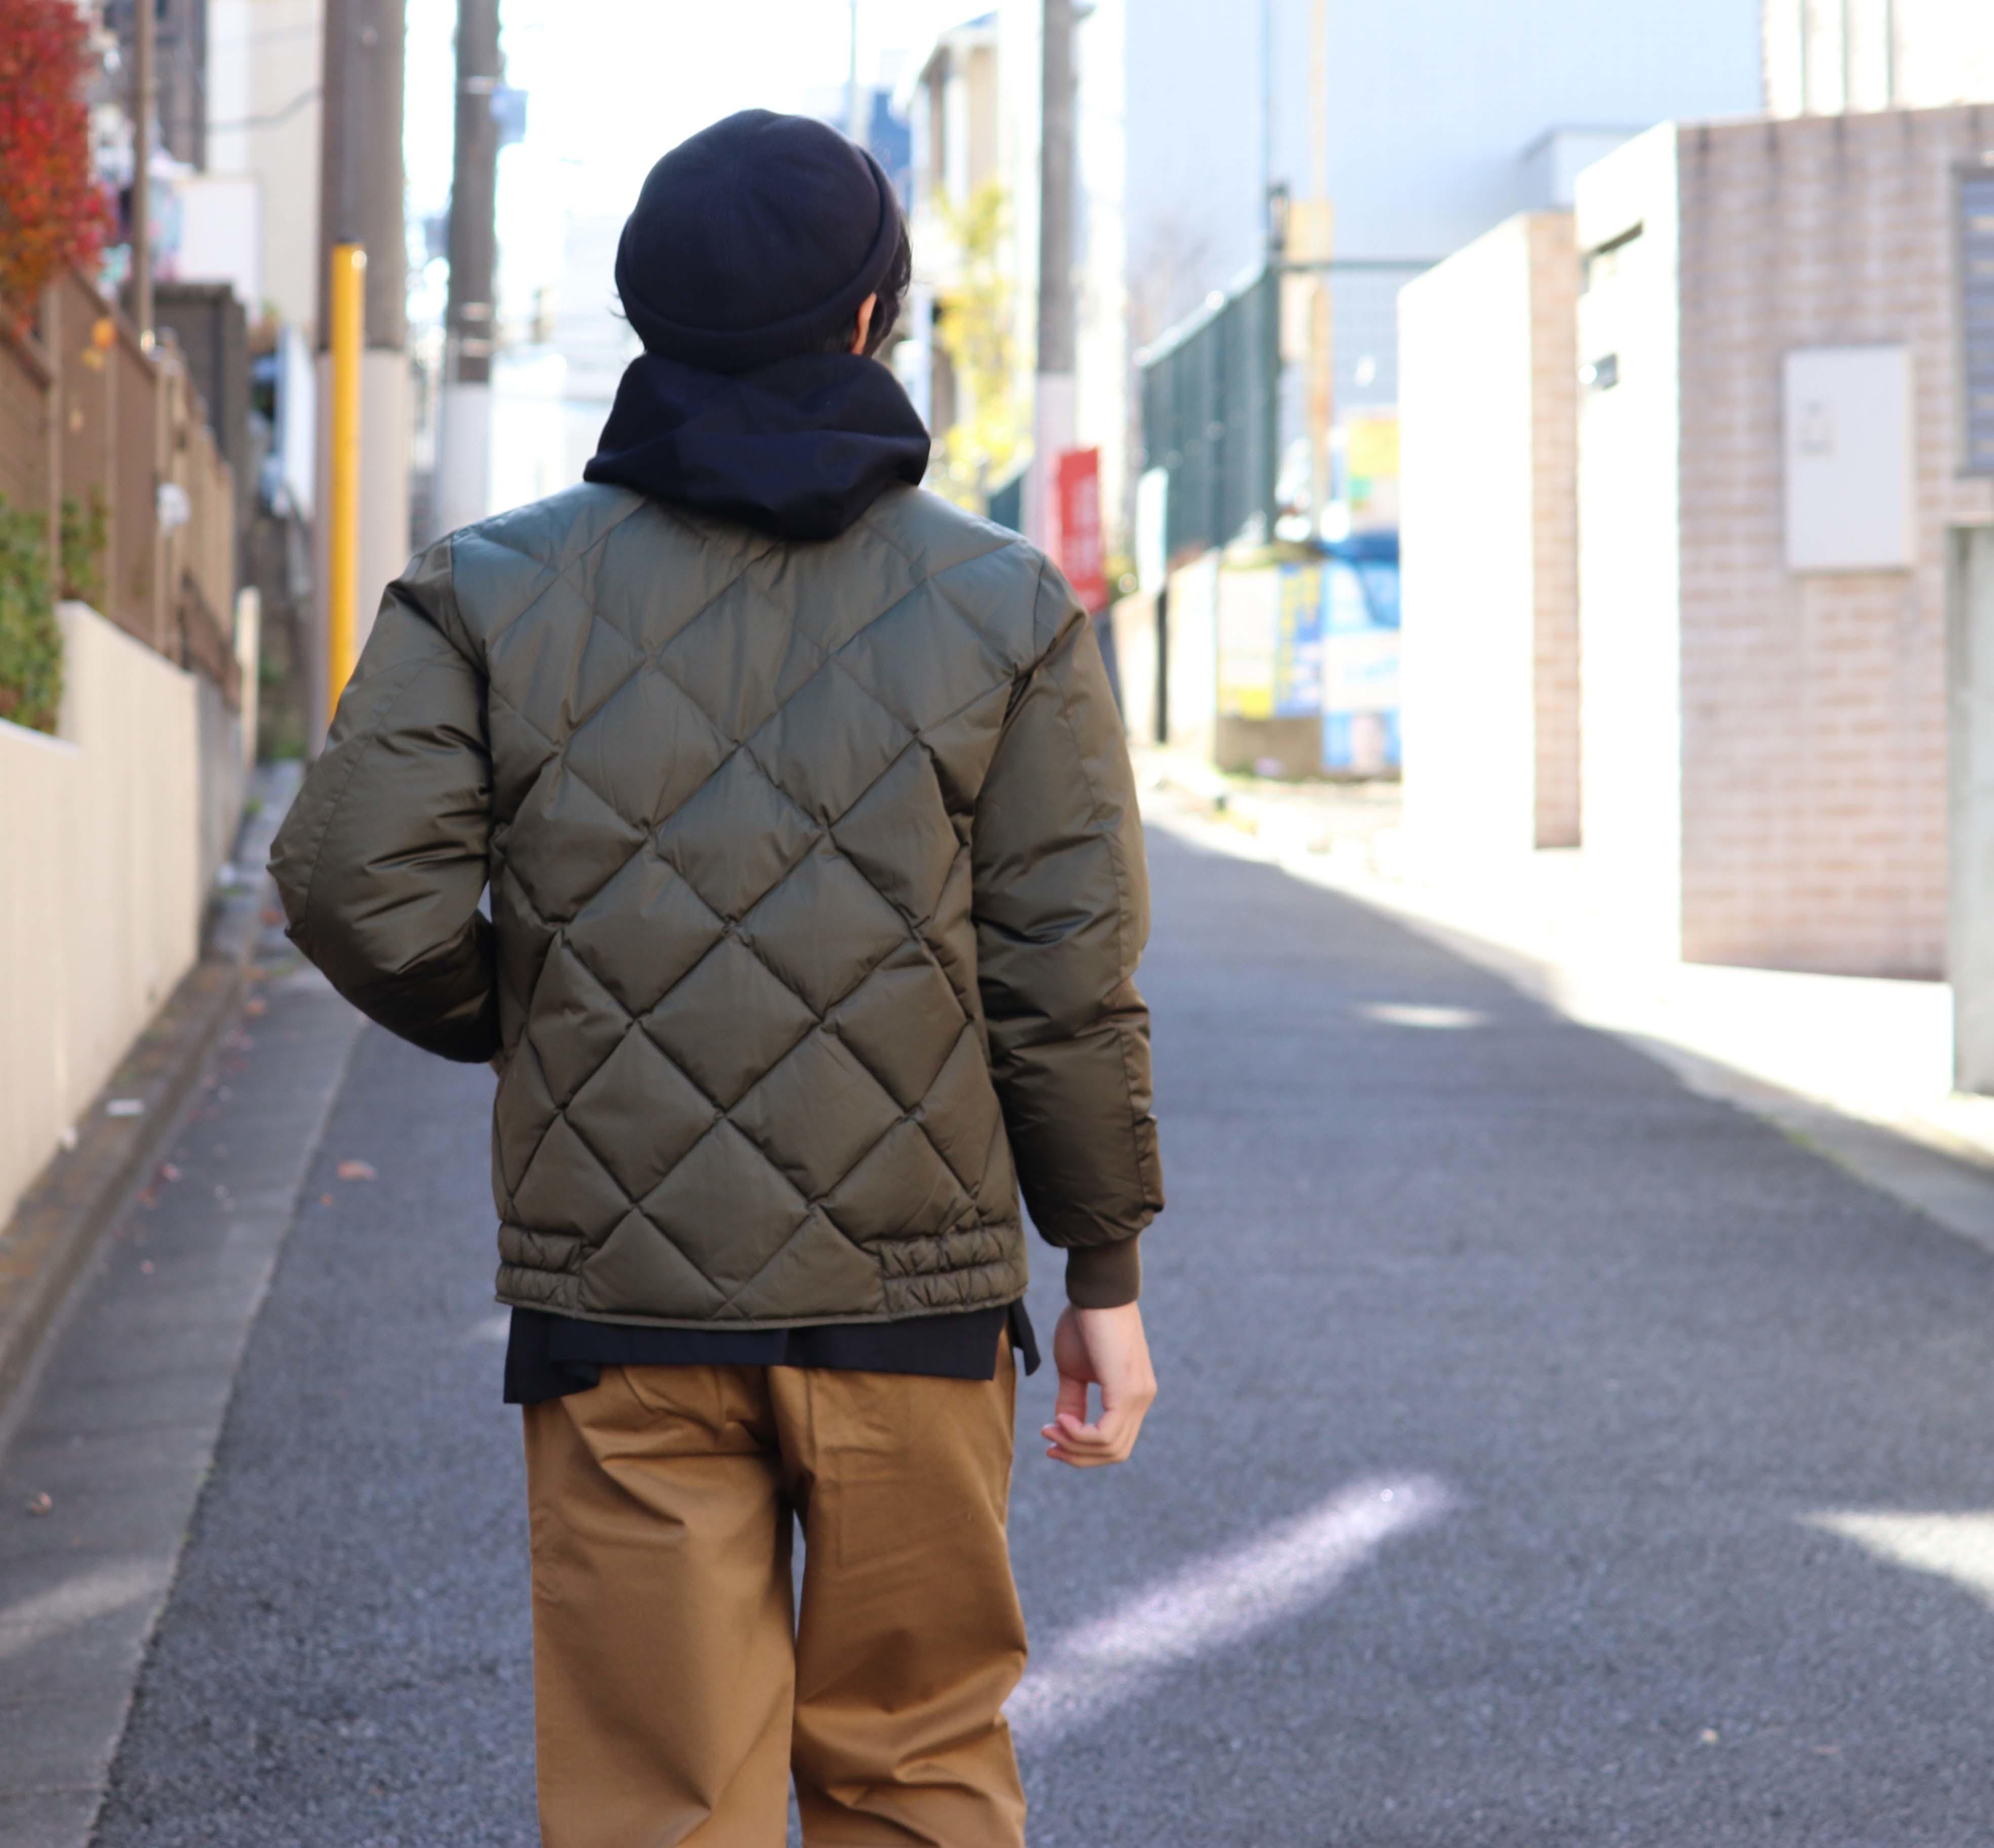 【冬のストリートカジュアルコーデ!】_d0174308_14185665.jpg